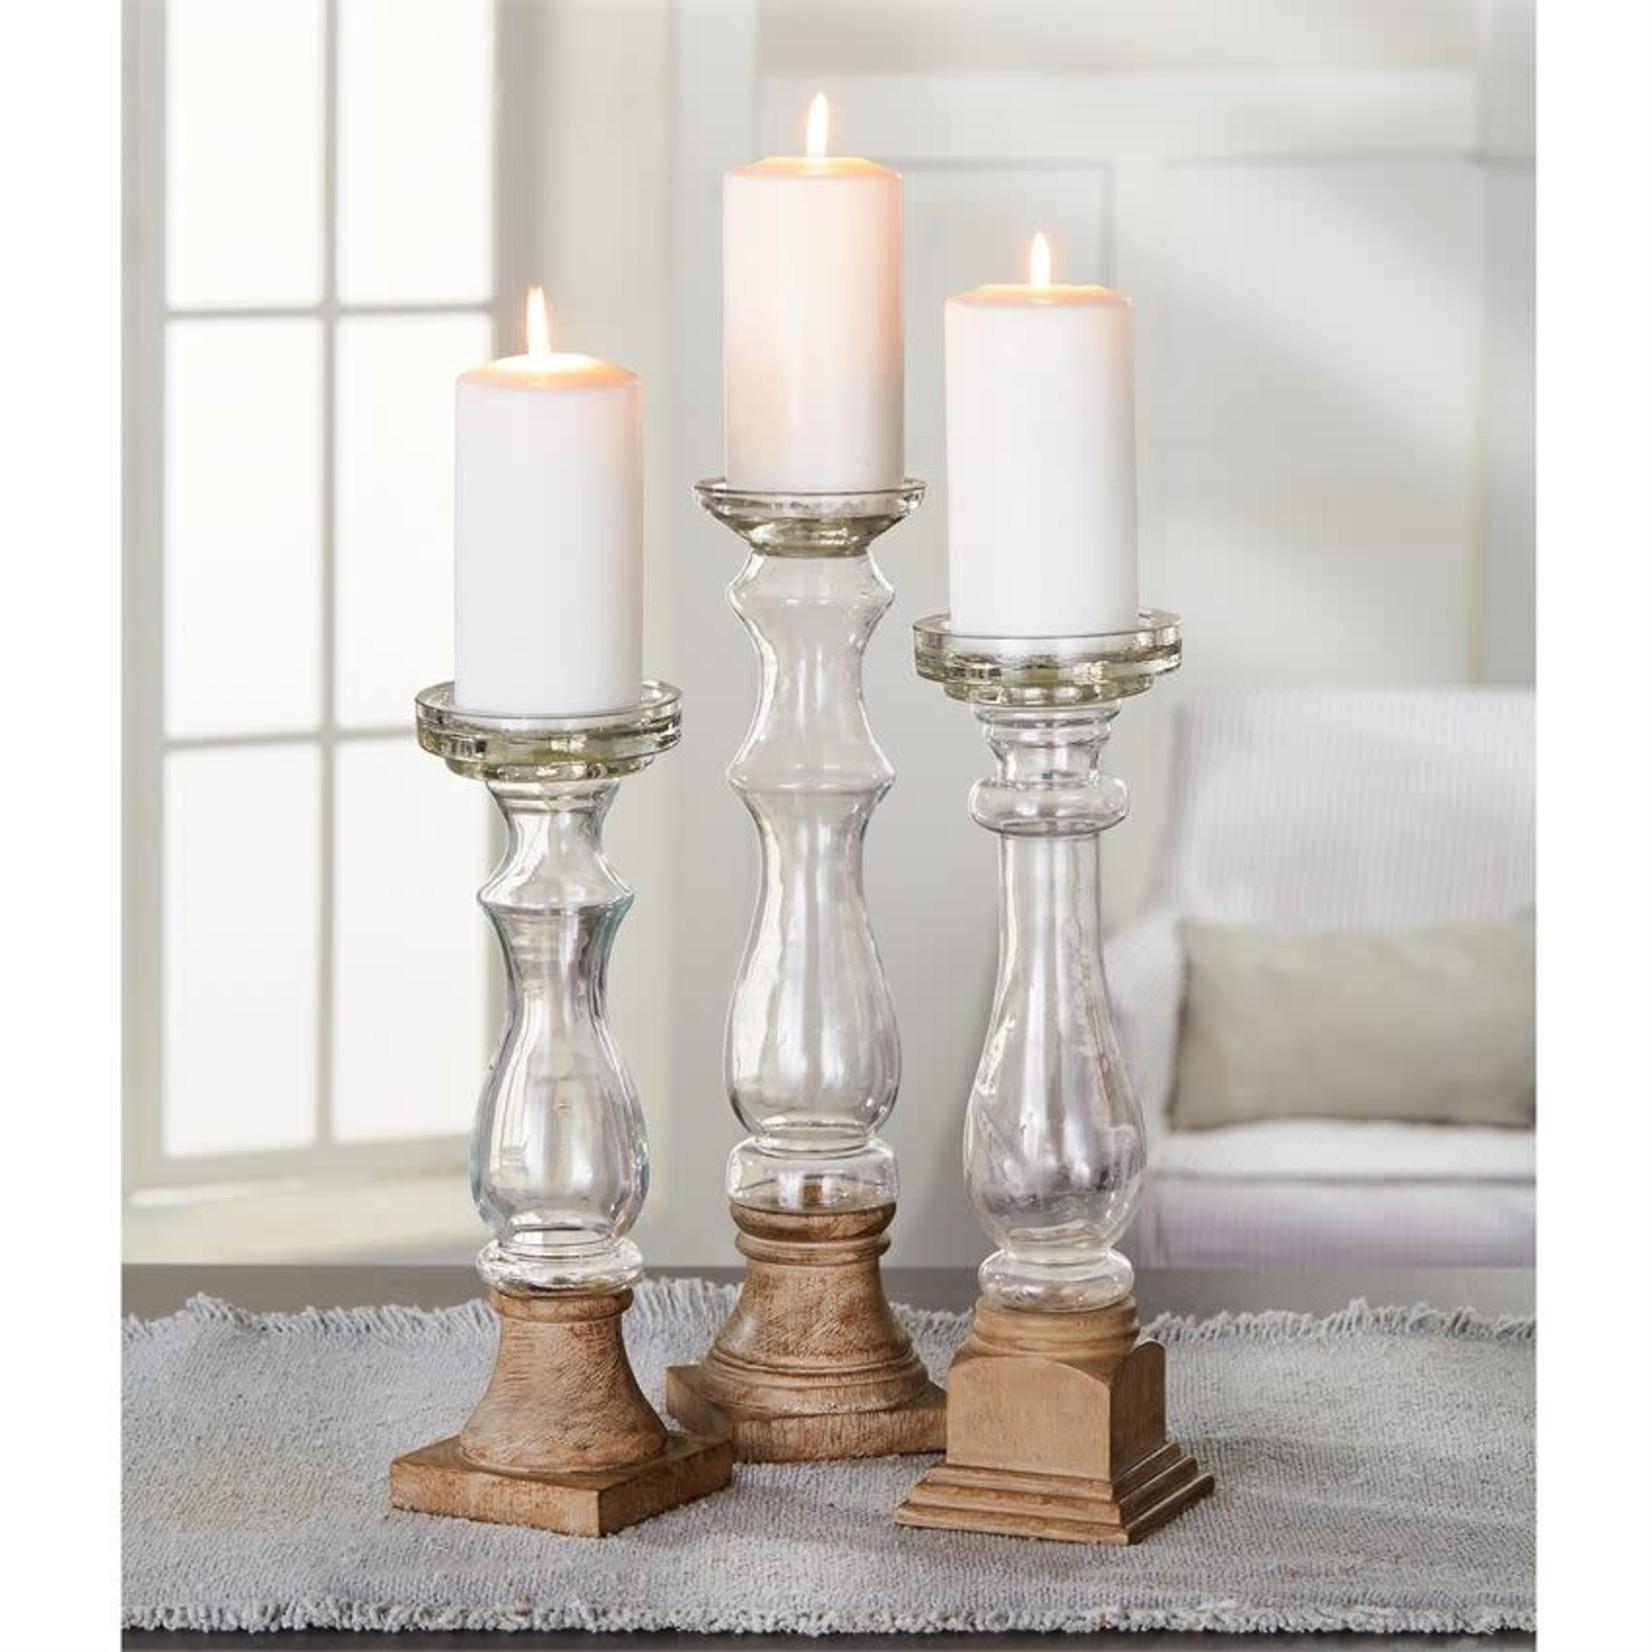 Glass & Wood Candlesticks